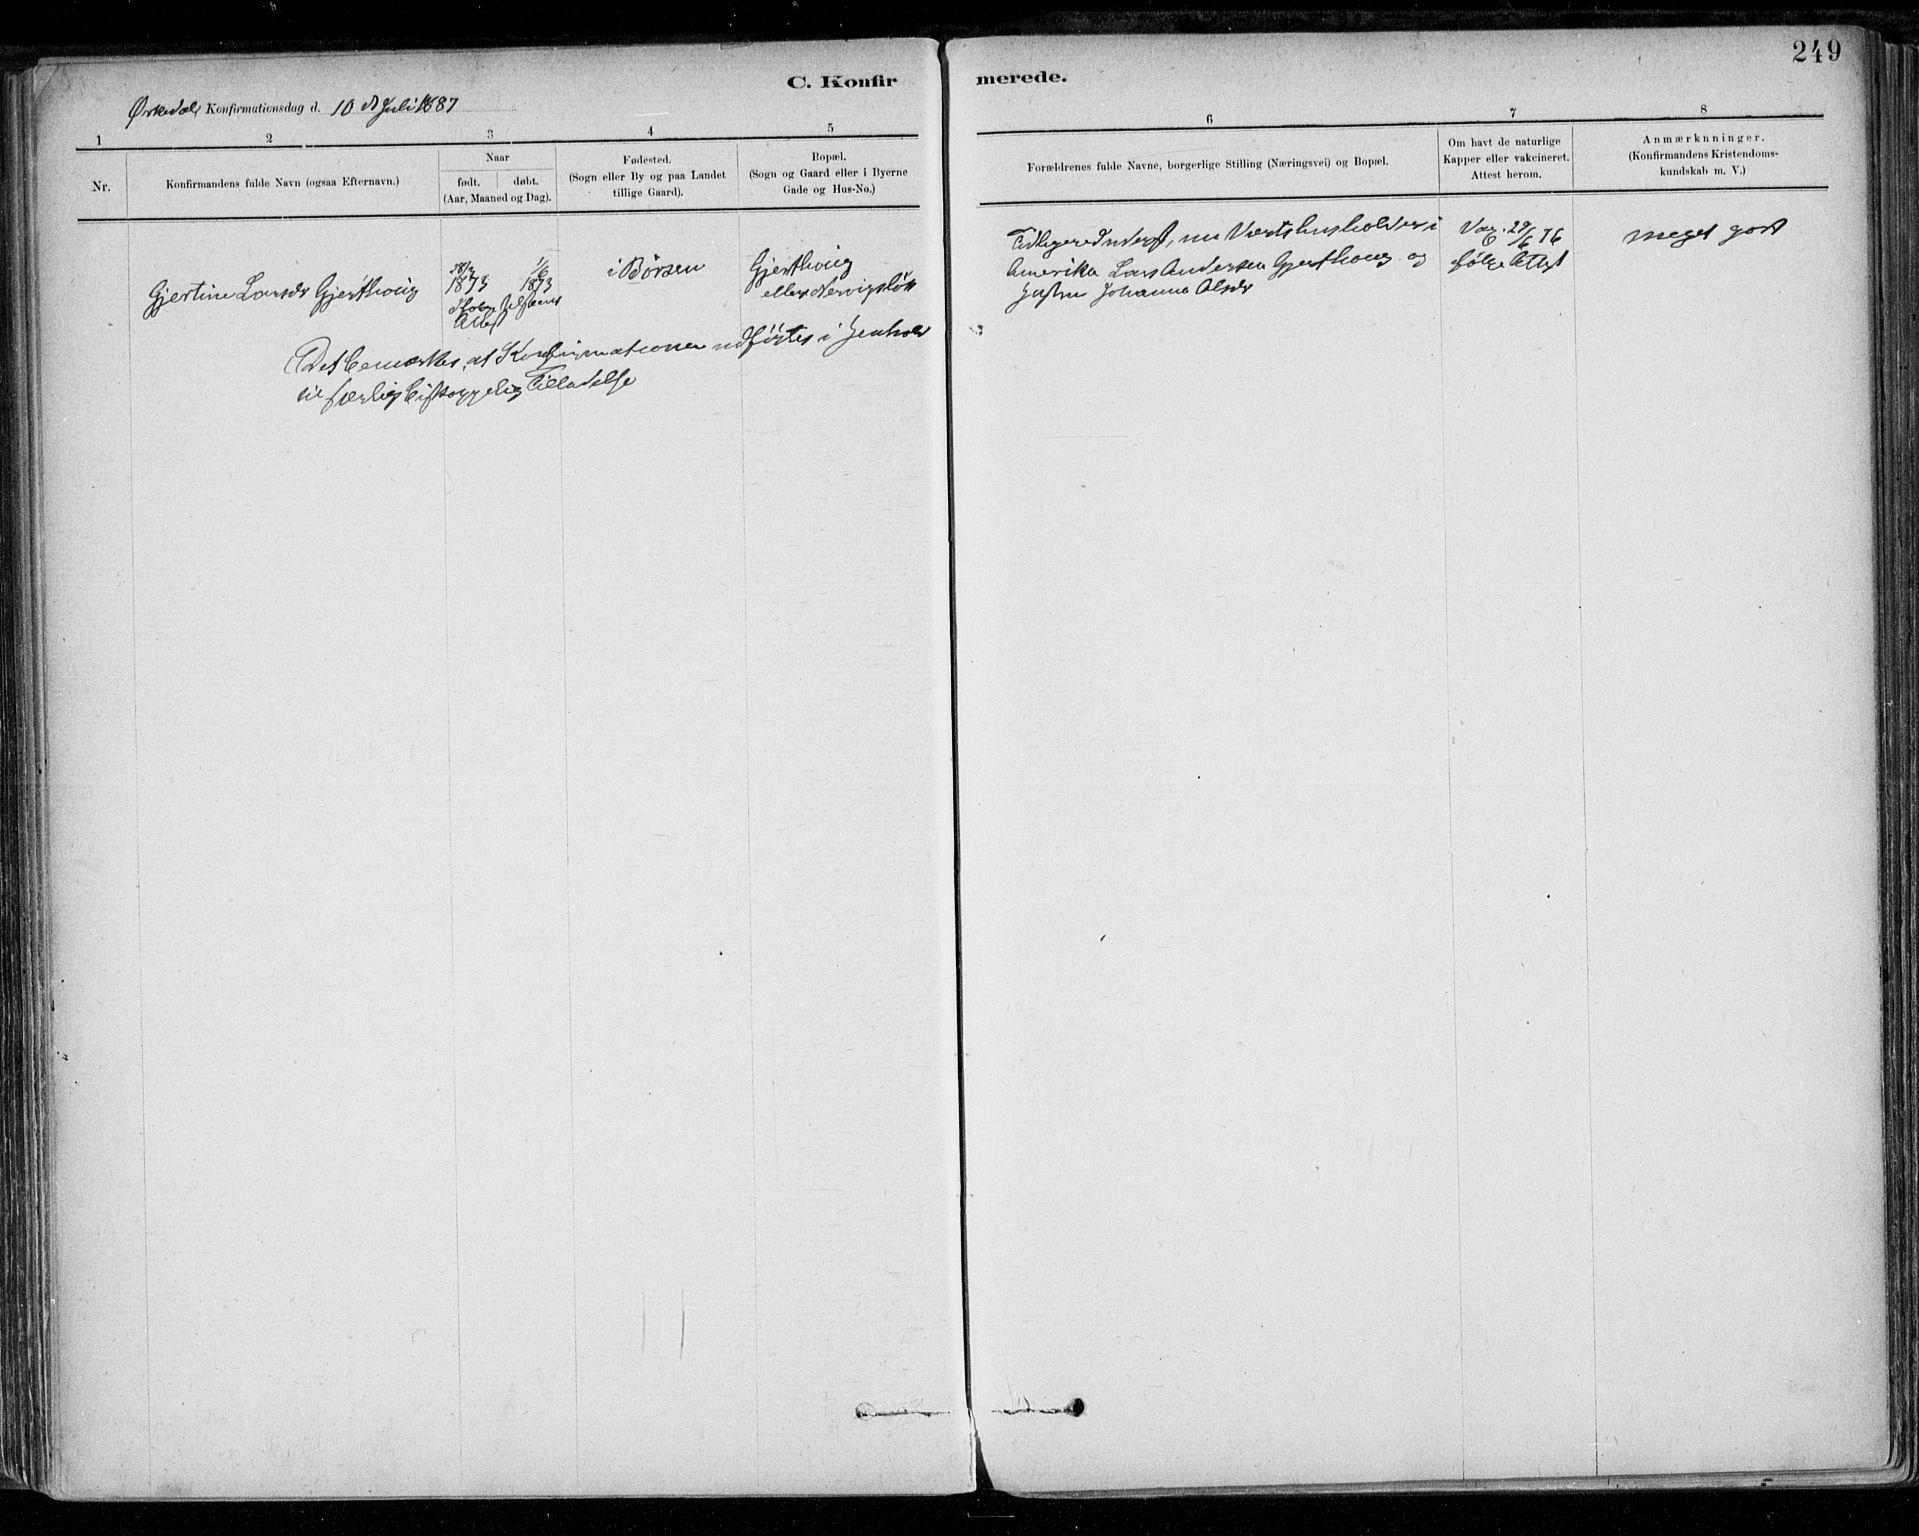 SAT, Ministerialprotokoller, klokkerbøker og fødselsregistre - Sør-Trøndelag, 668/L0809: Ministerialbok nr. 668A09, 1881-1895, s. 249